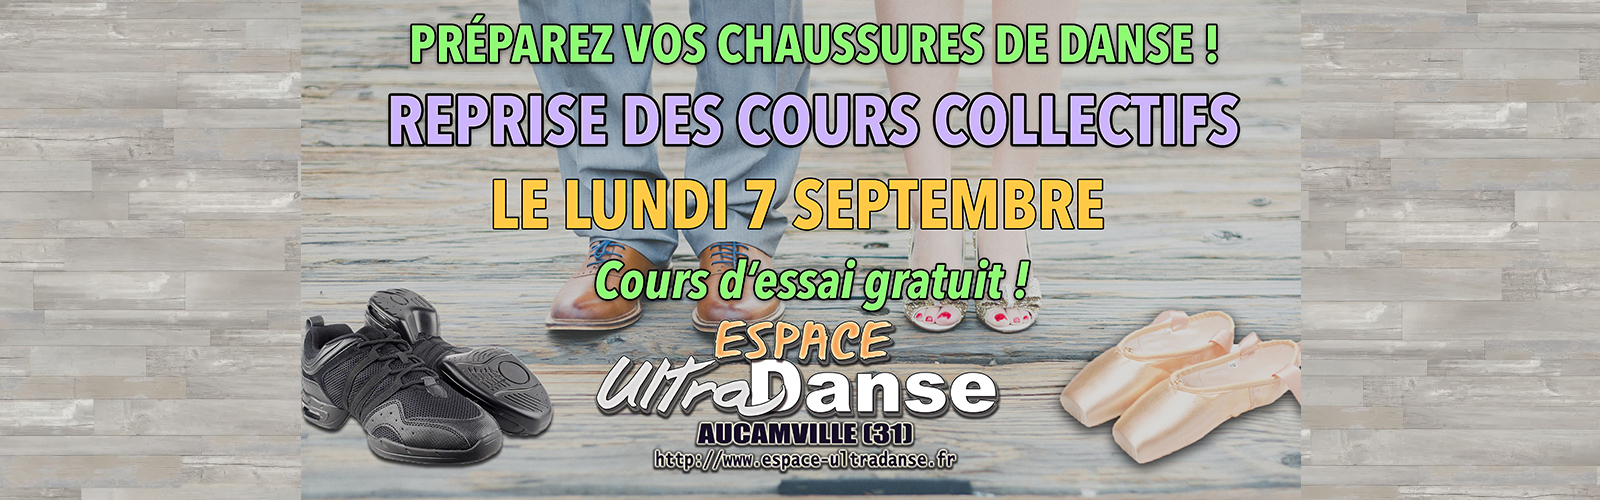 Rentrée des cours collectifs de danse le 7 septembre